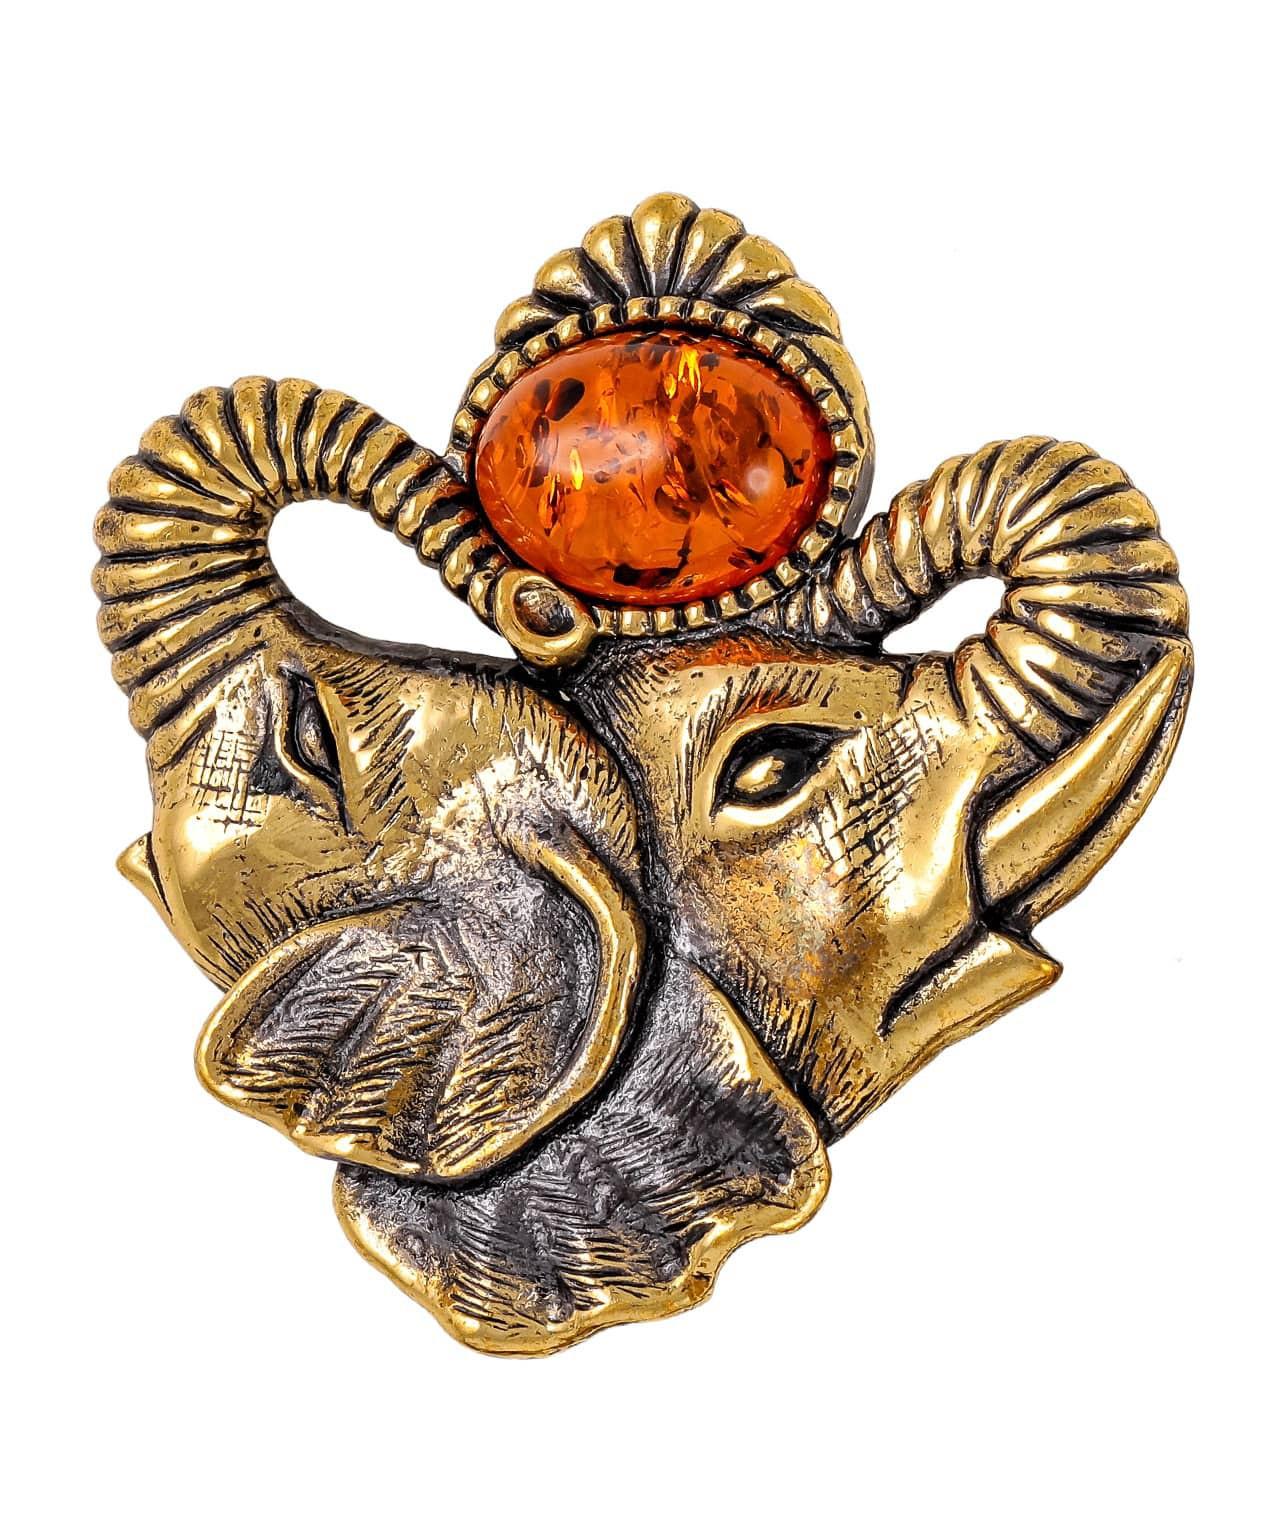 Брошь Слоны Индия 1816.4